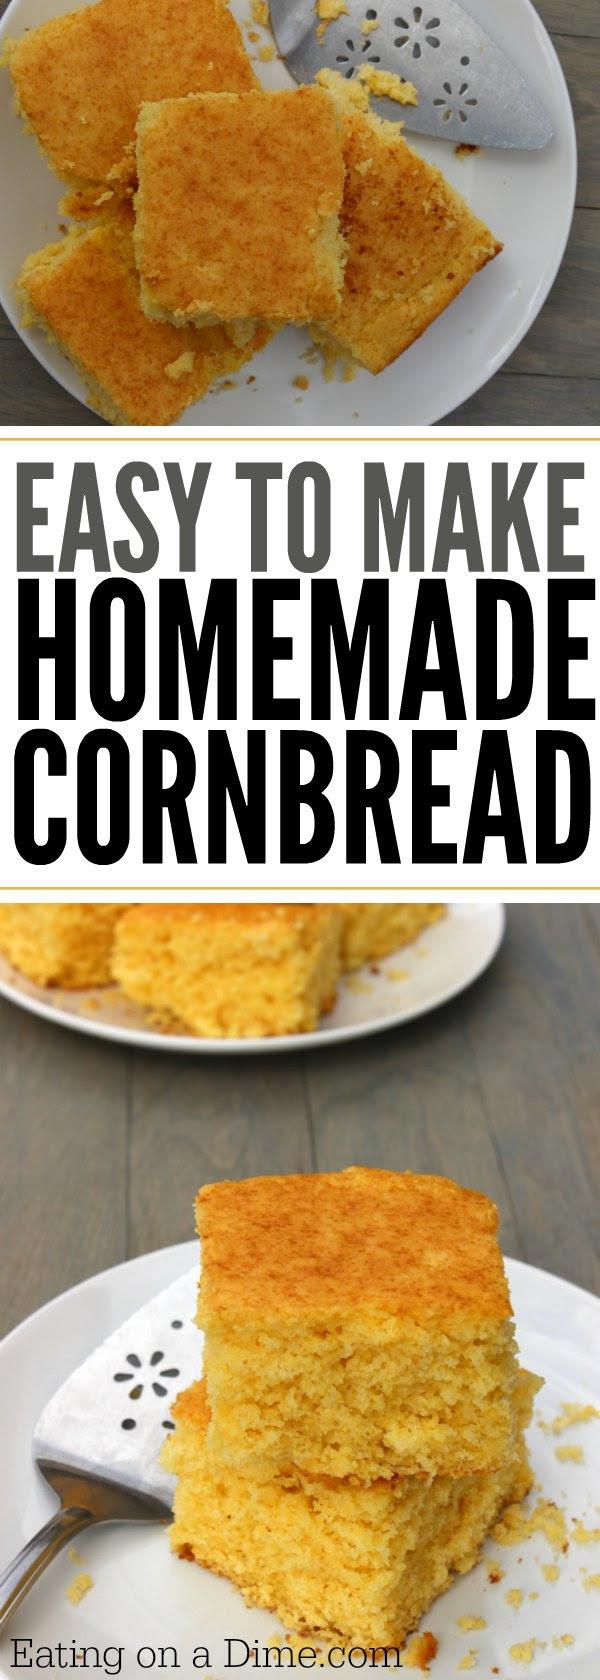 Easy Homemade Cornbread recipe - Buttery Cornbread recipe